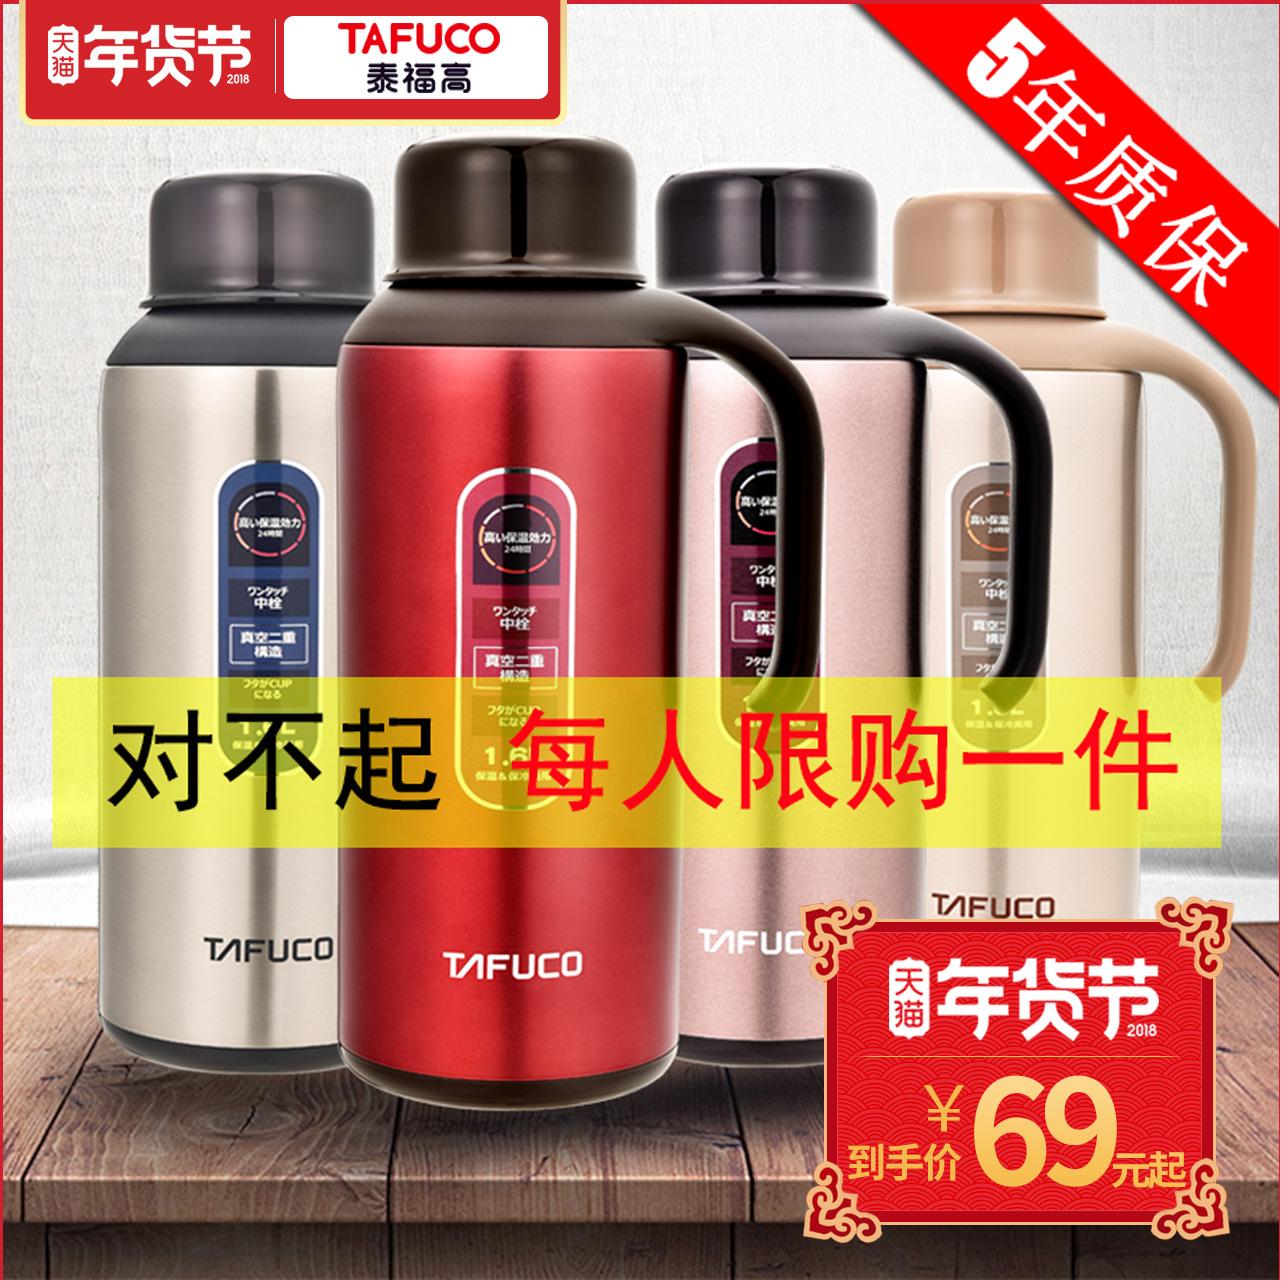 日本泰福高304不锈钢保温壶家用暖壶车载出行超长保温瓶热水瓶